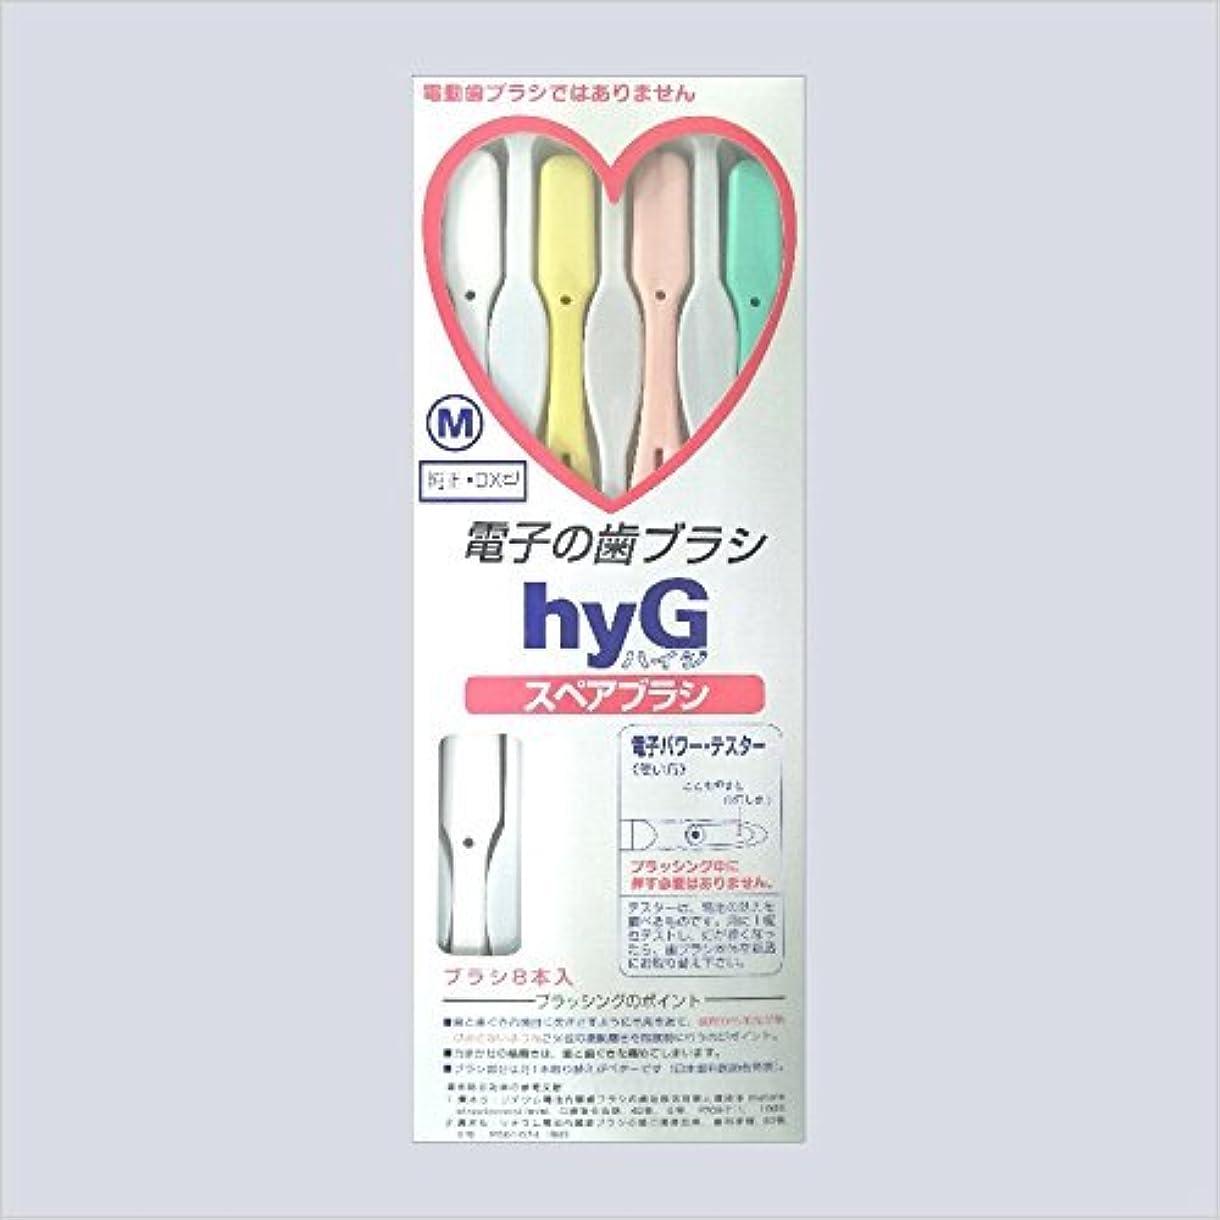 事業非武装化暖かさ電子の歯ブラシ ハイジ(hyG)?スペアブラシ <ブラシの硬さ:Mふつう> (※こちらは「スペアブラシ」です )?hyG-DX型